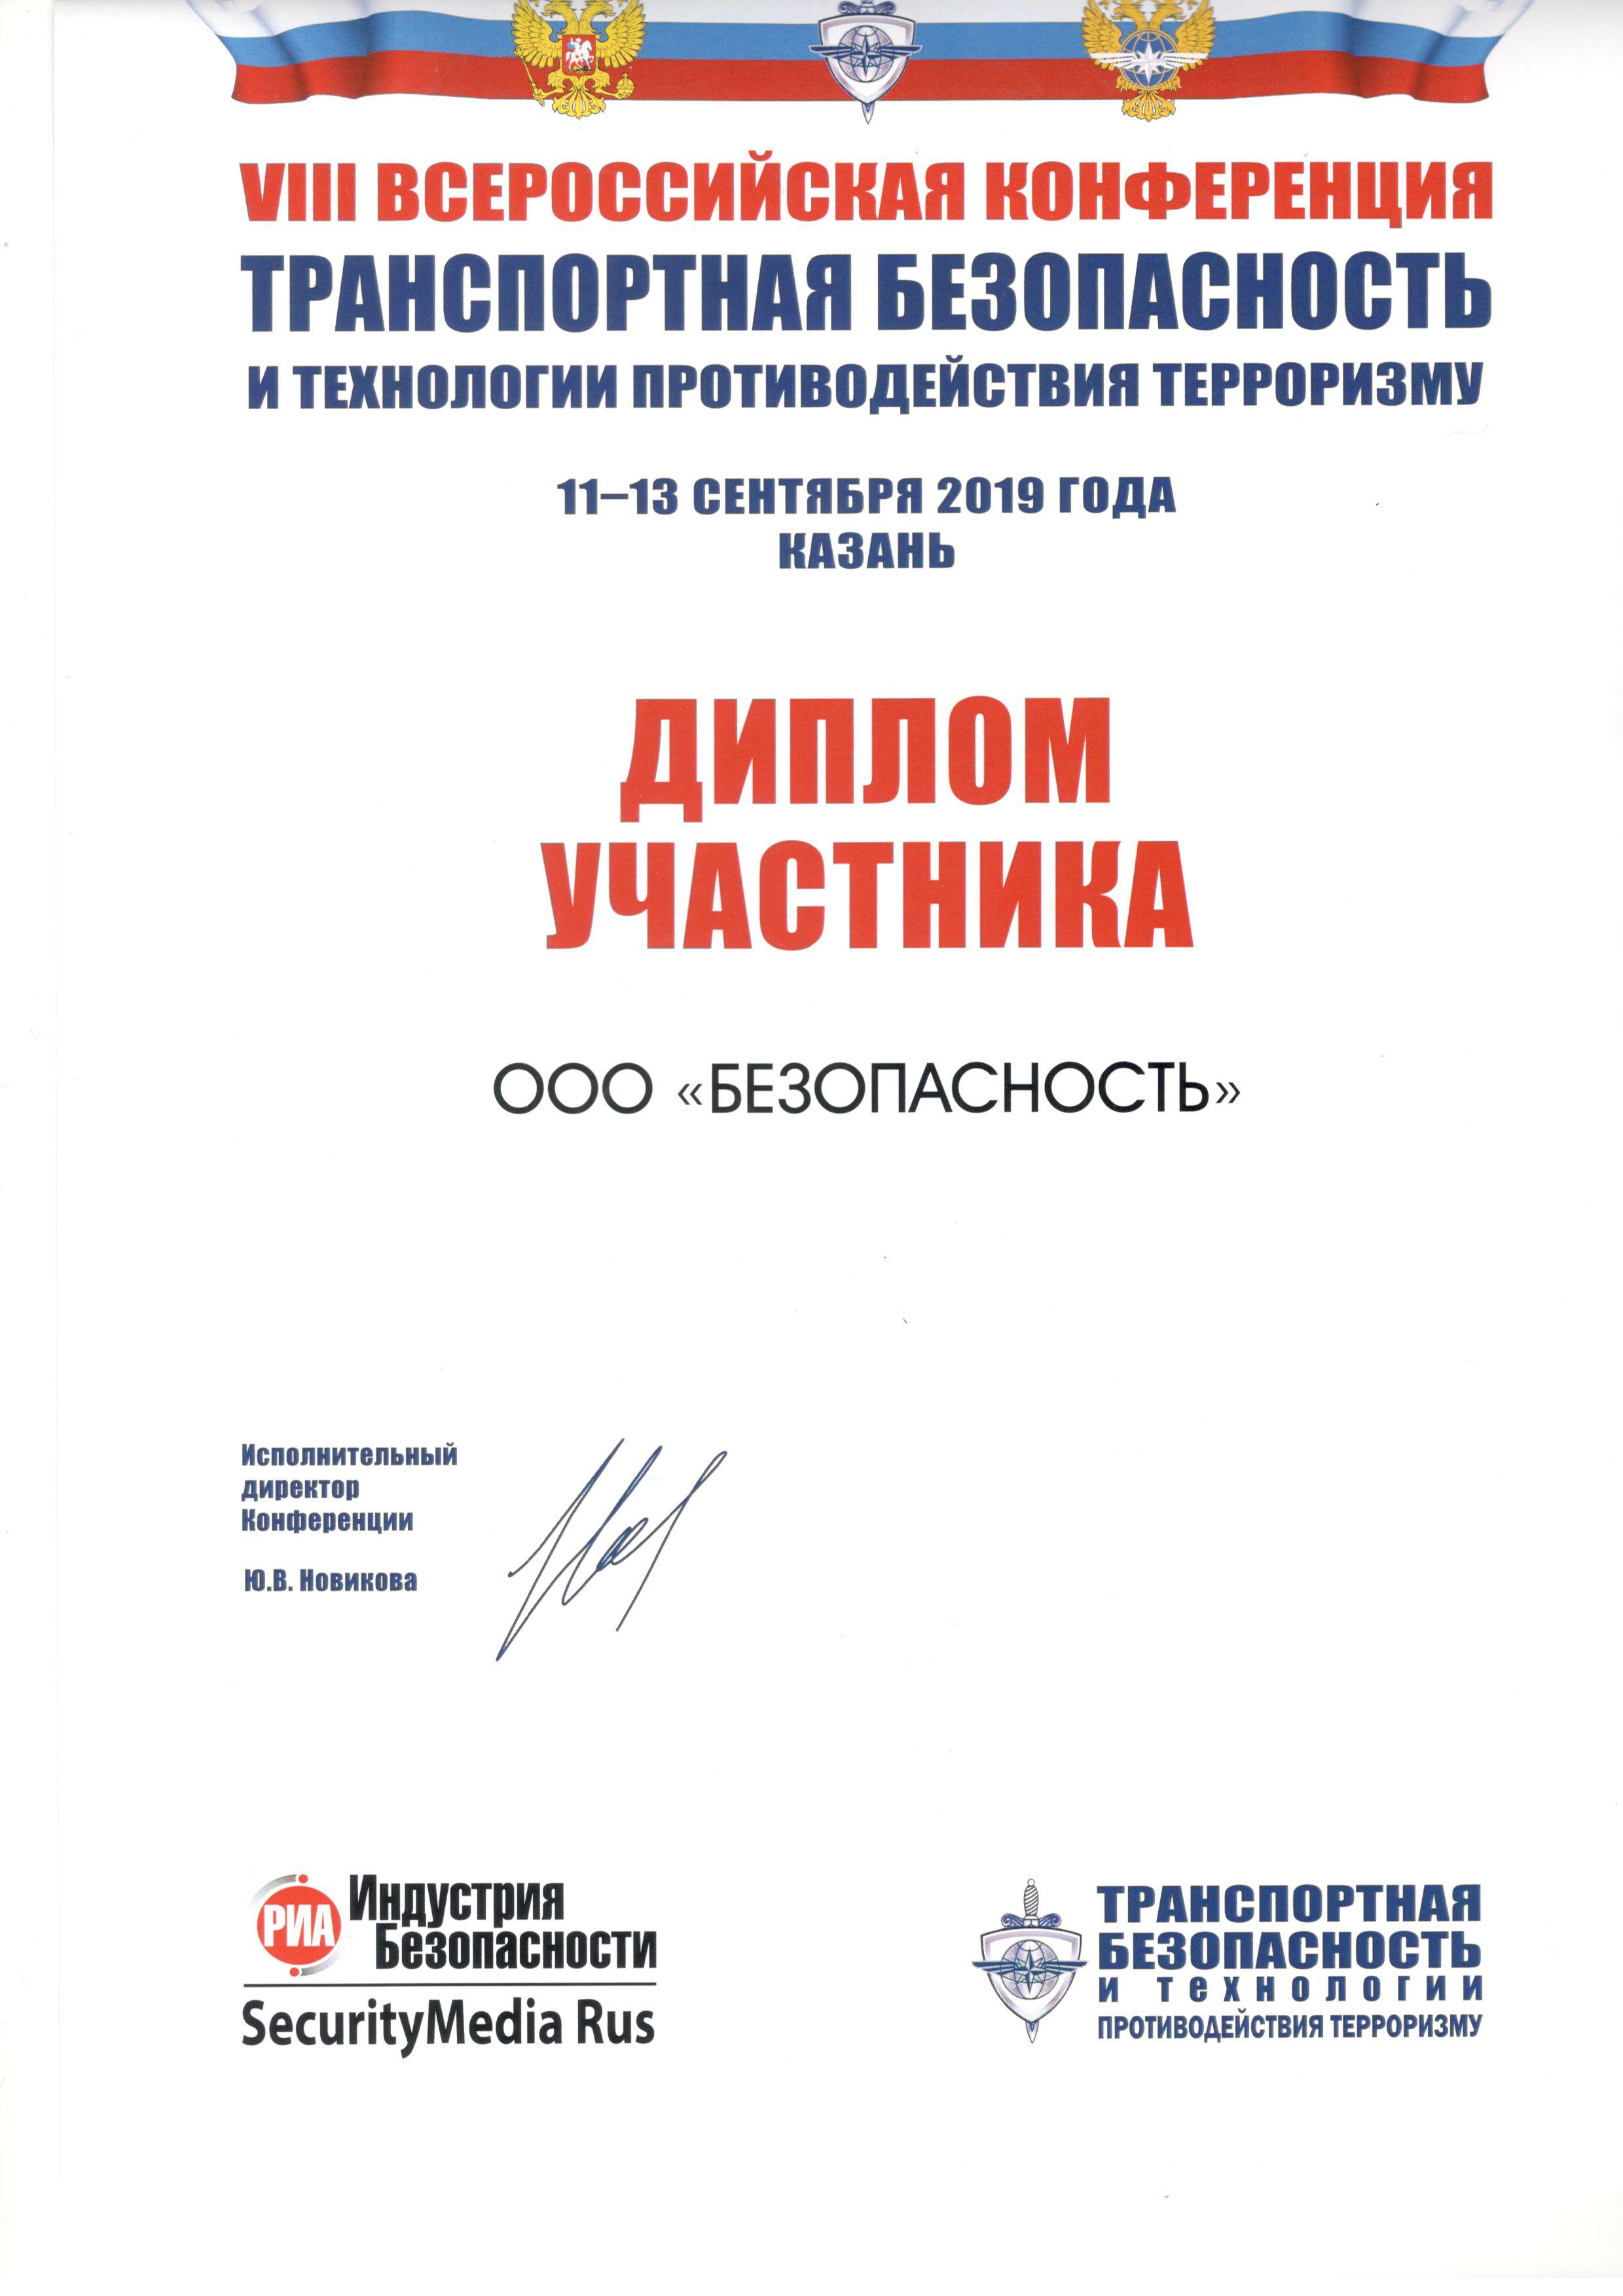 Компания РосБезопасность приняла участие в Конференции по транспортной безопасности в Казани